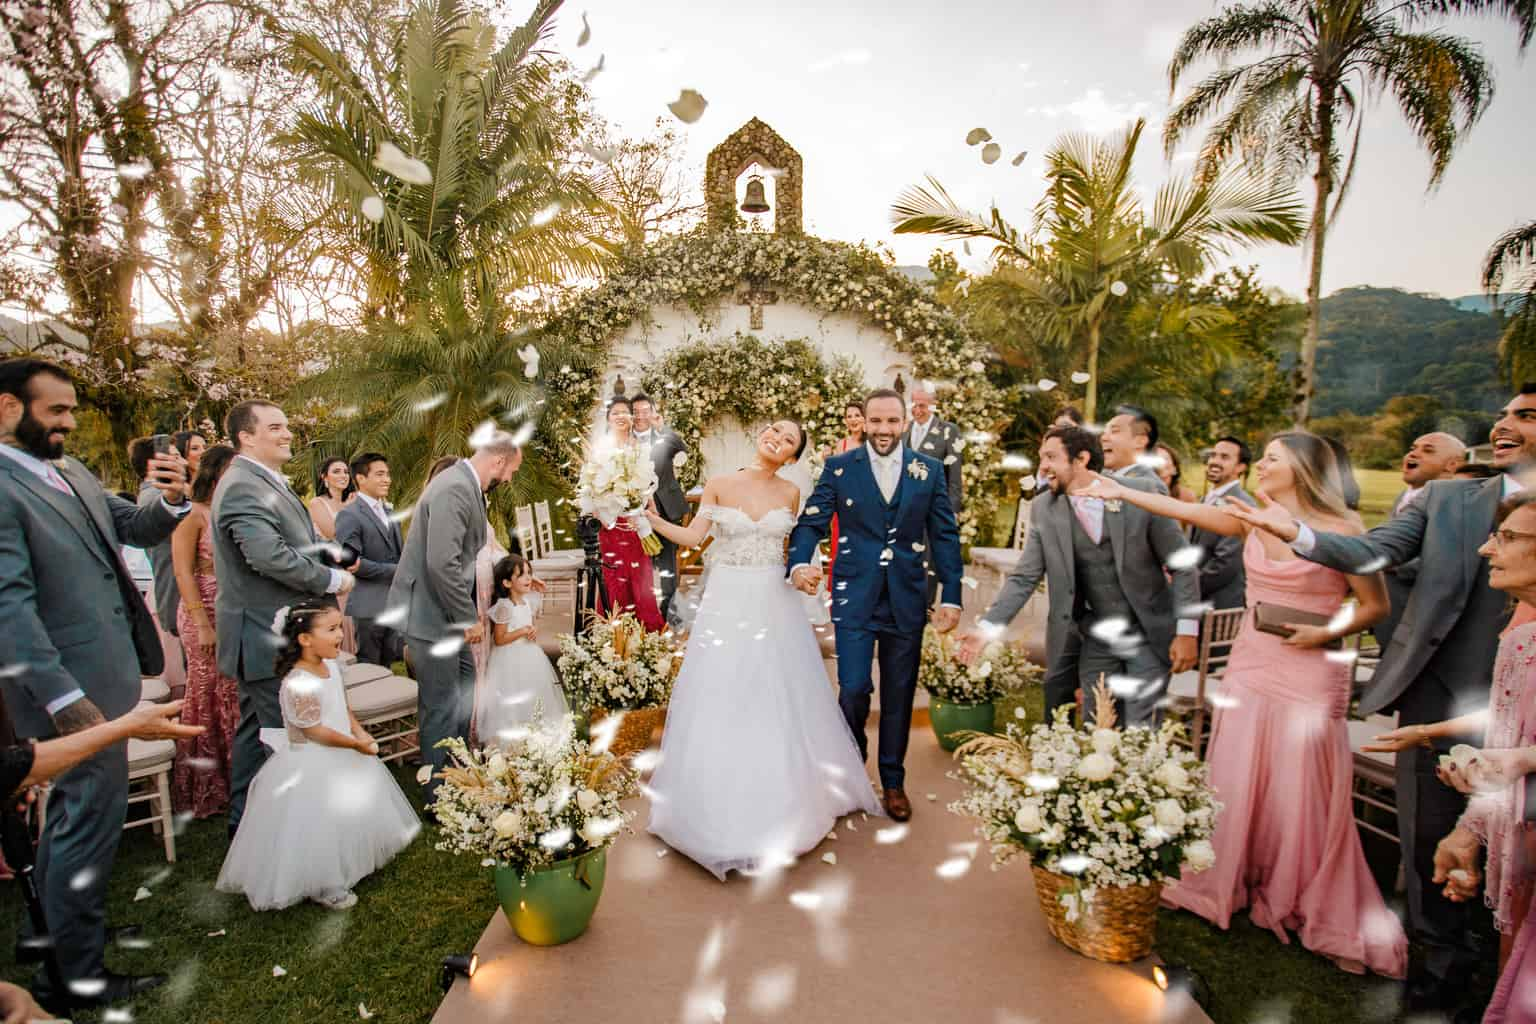 Casamento-Alissa-e-Gustavo-Cerimonial-Manu-Goncalez-Decor-Andrea-Kapps-Fasano-Angra-dos-Reis-Foto-VRebel-Cerimonia381-Edit